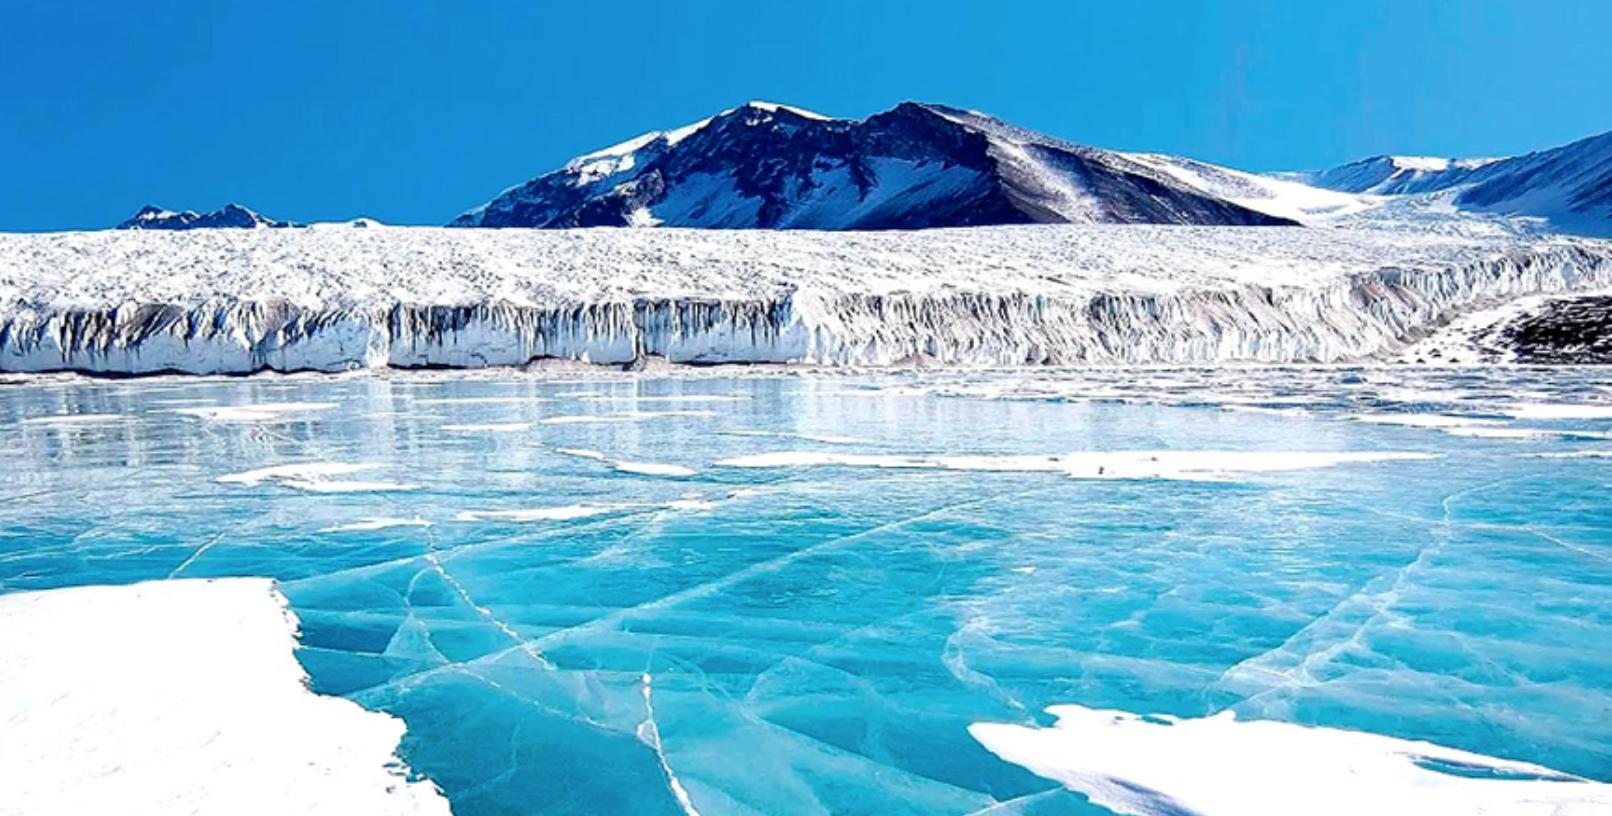 Les secrets du lac Vostok en Antarctique, un monde souterrain à 4 000 mètres de profondeur